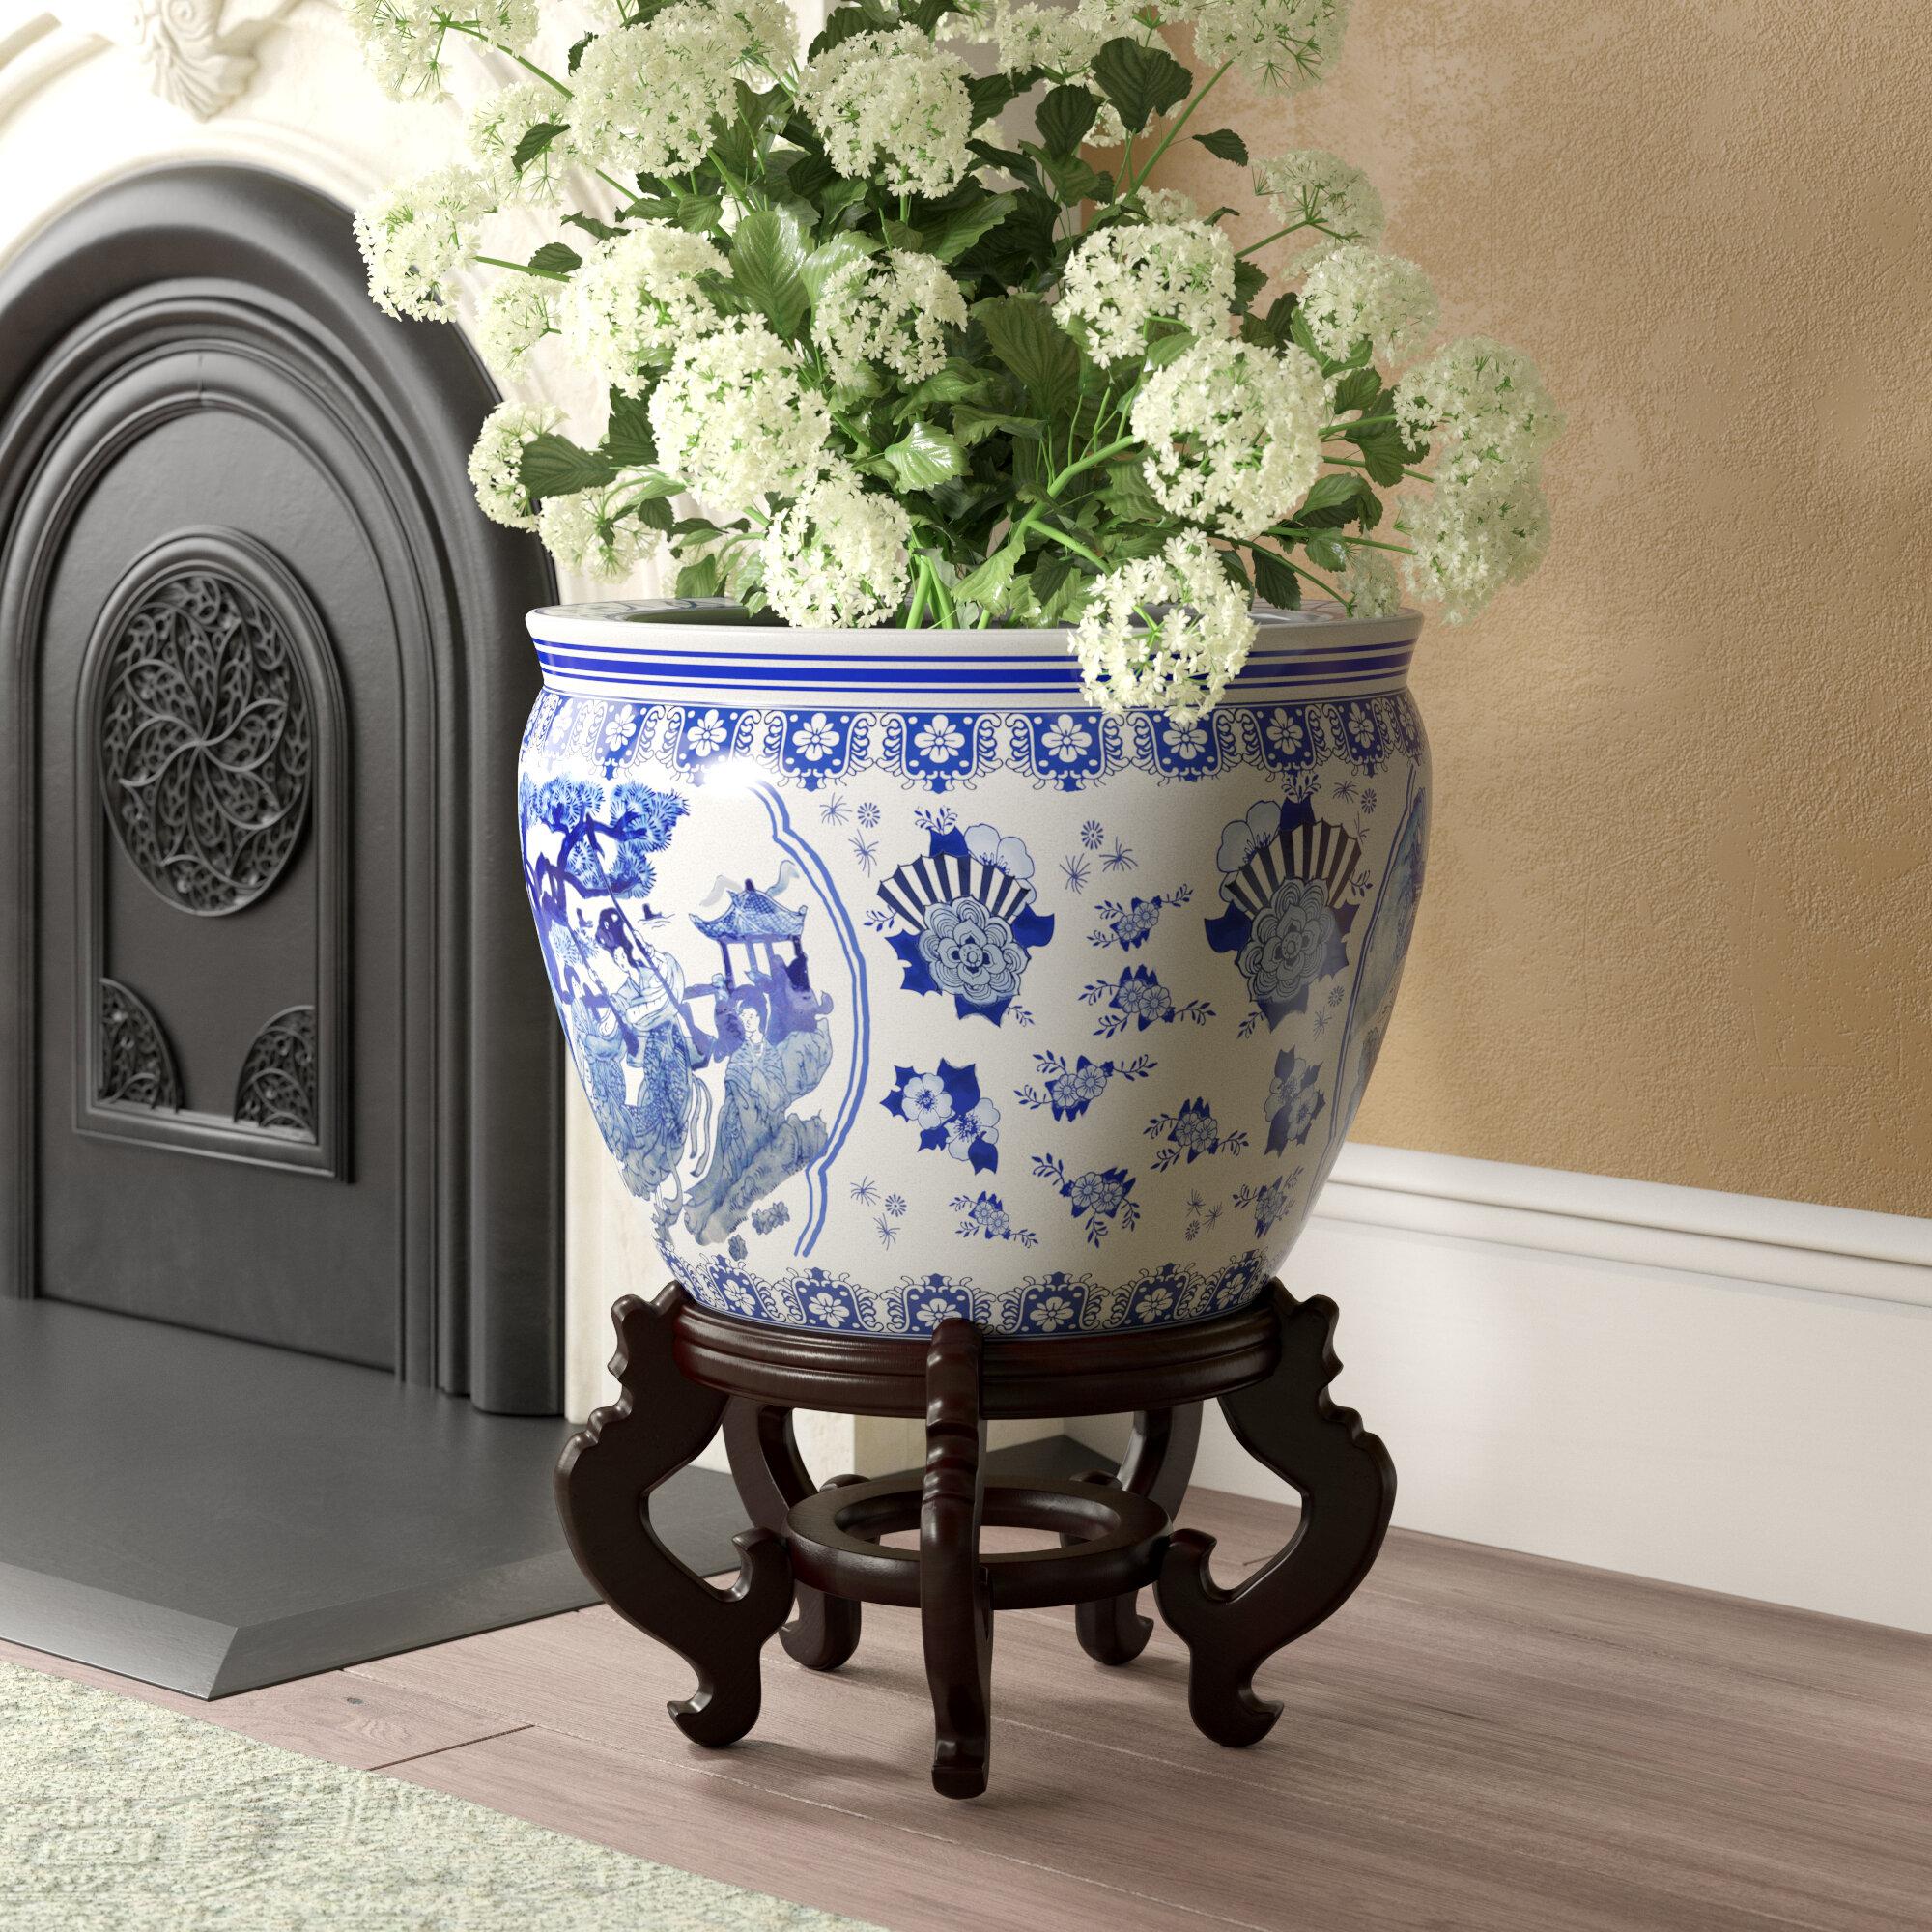 1 Piece Chinese Porcelain Pot Planter